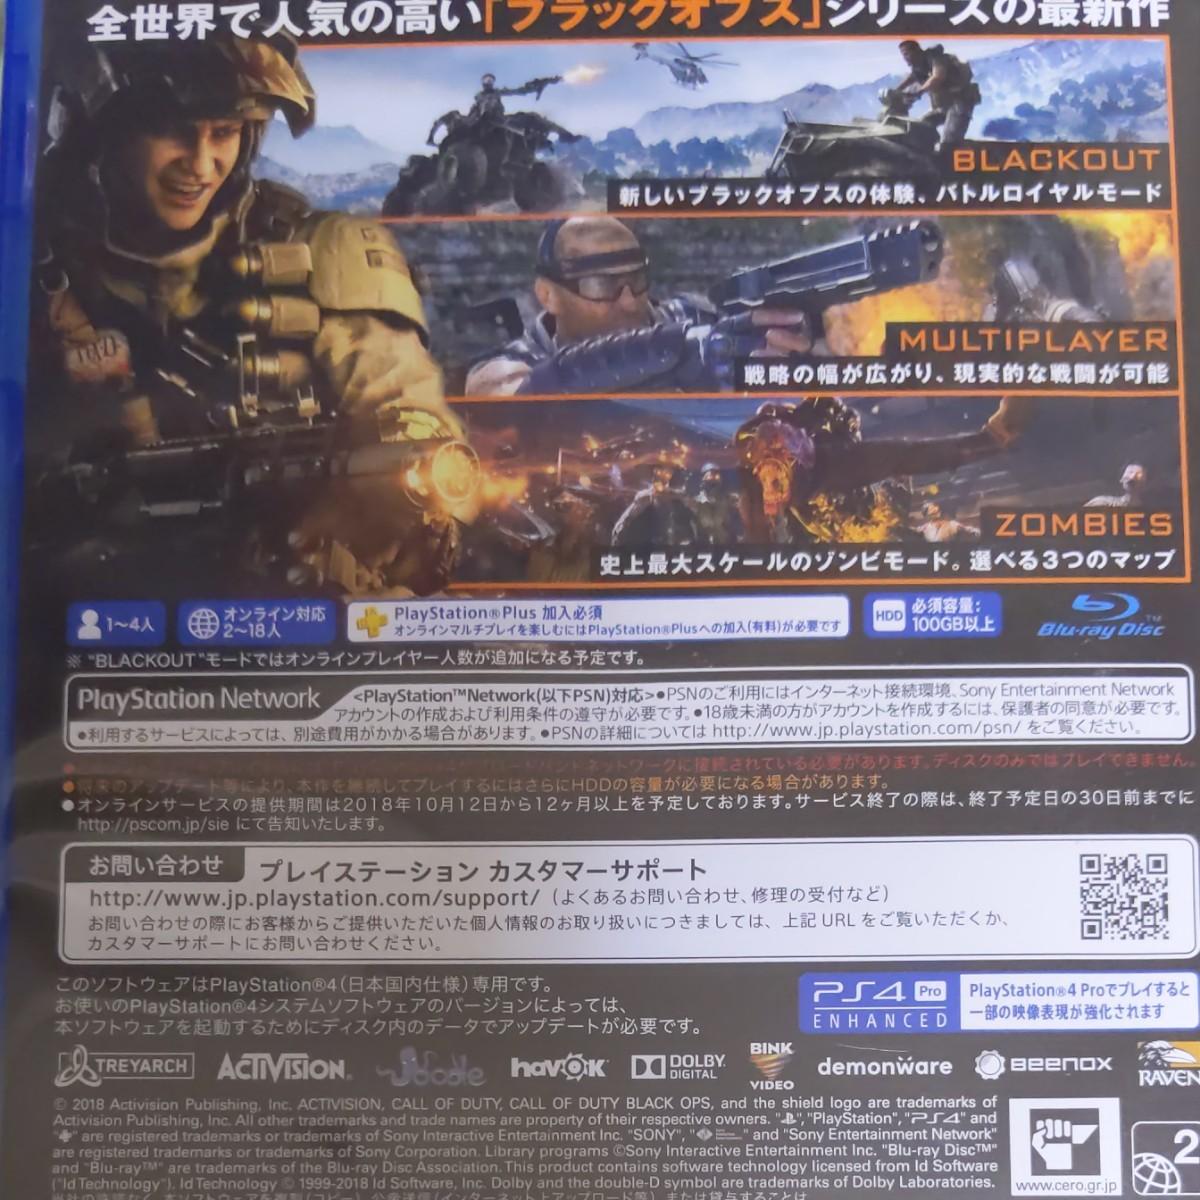 【PS4】 コール オブ デューティ ブラックオプス 4 コールオブデューティブラックオプス4 CALL OF DUTY